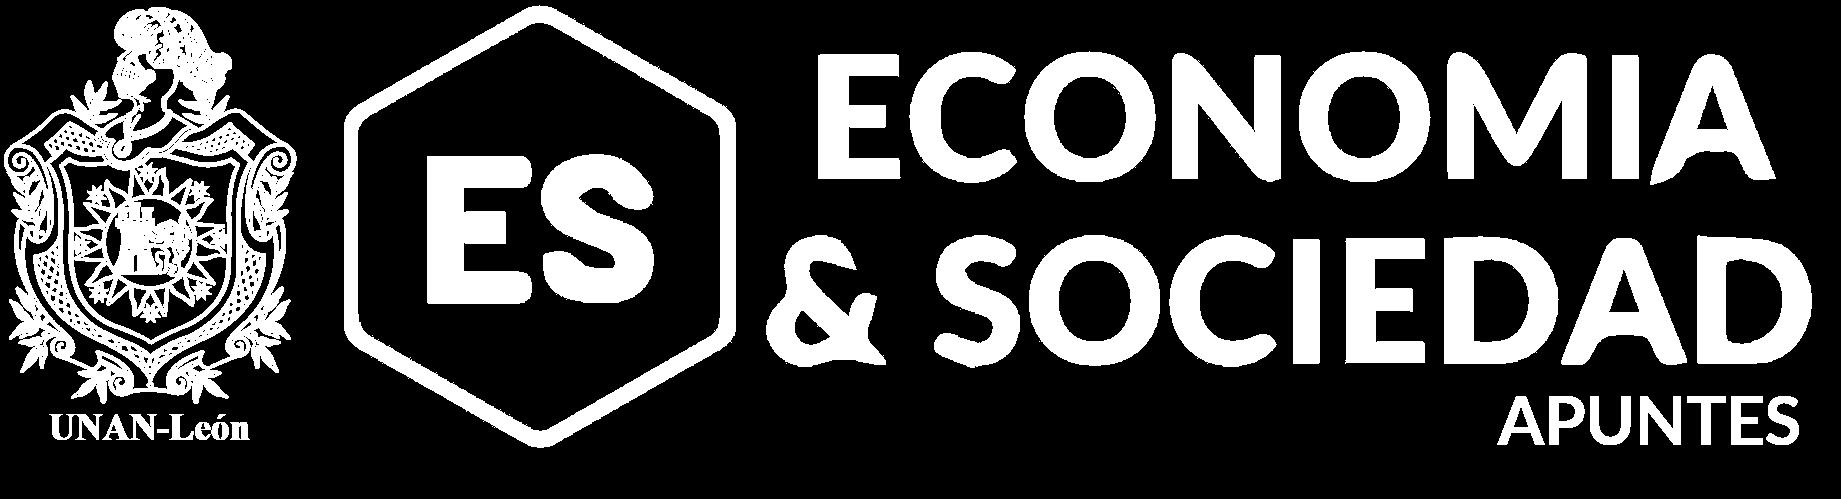 Logo de Portada, Revista Científica Apuntes de Economía y Sociedad